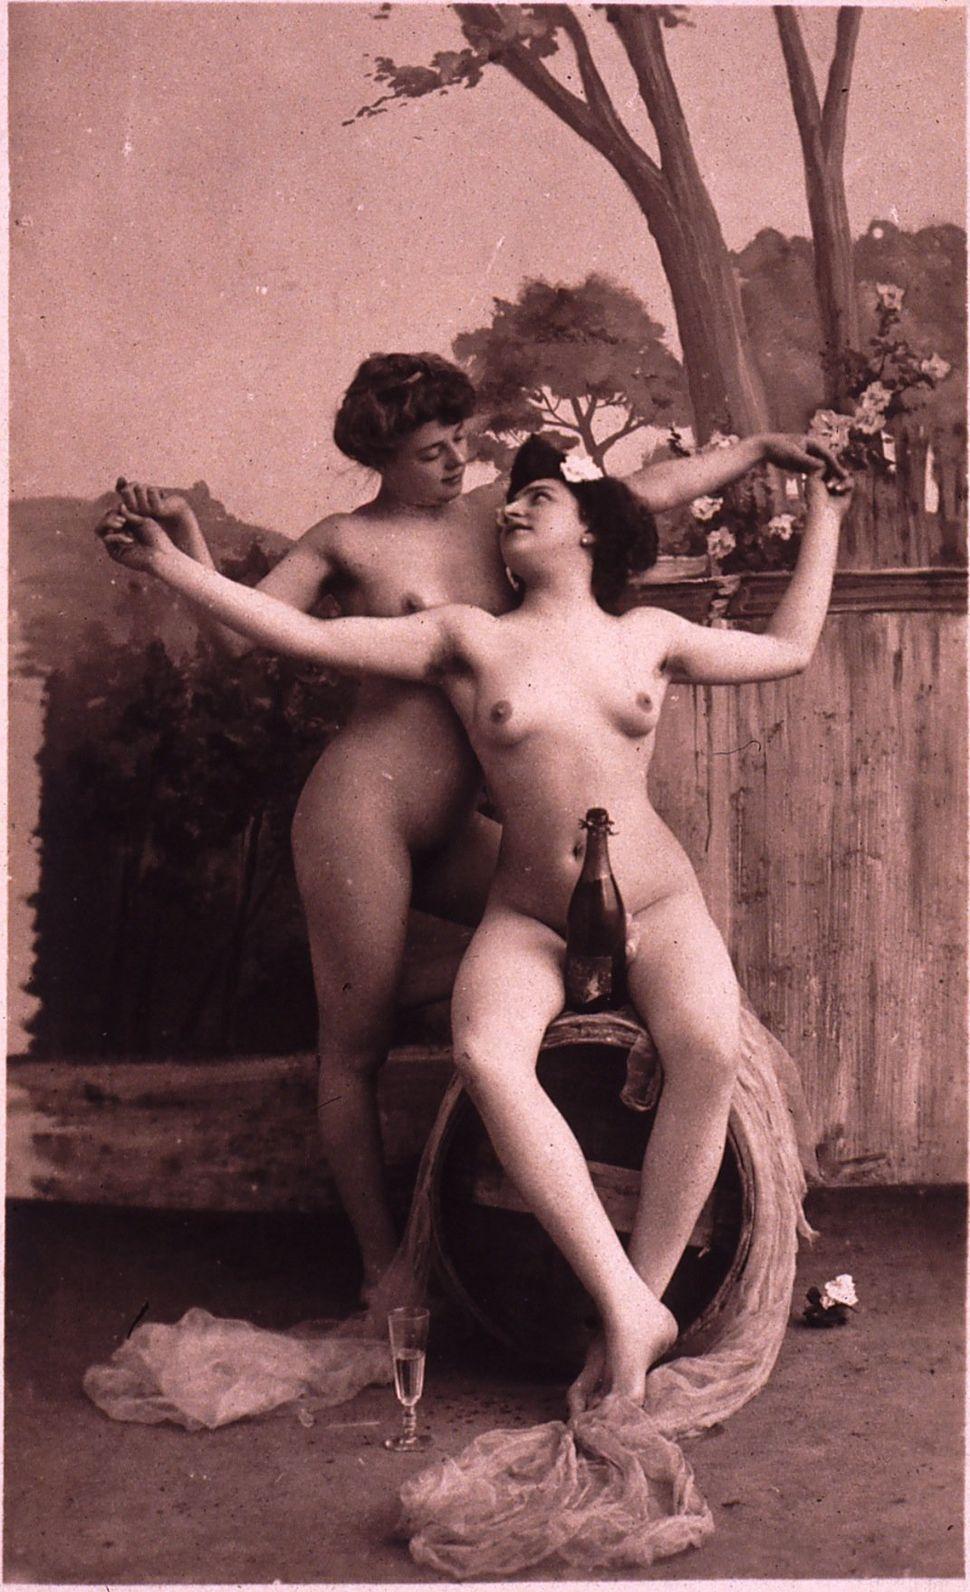 испанская историческая эротика